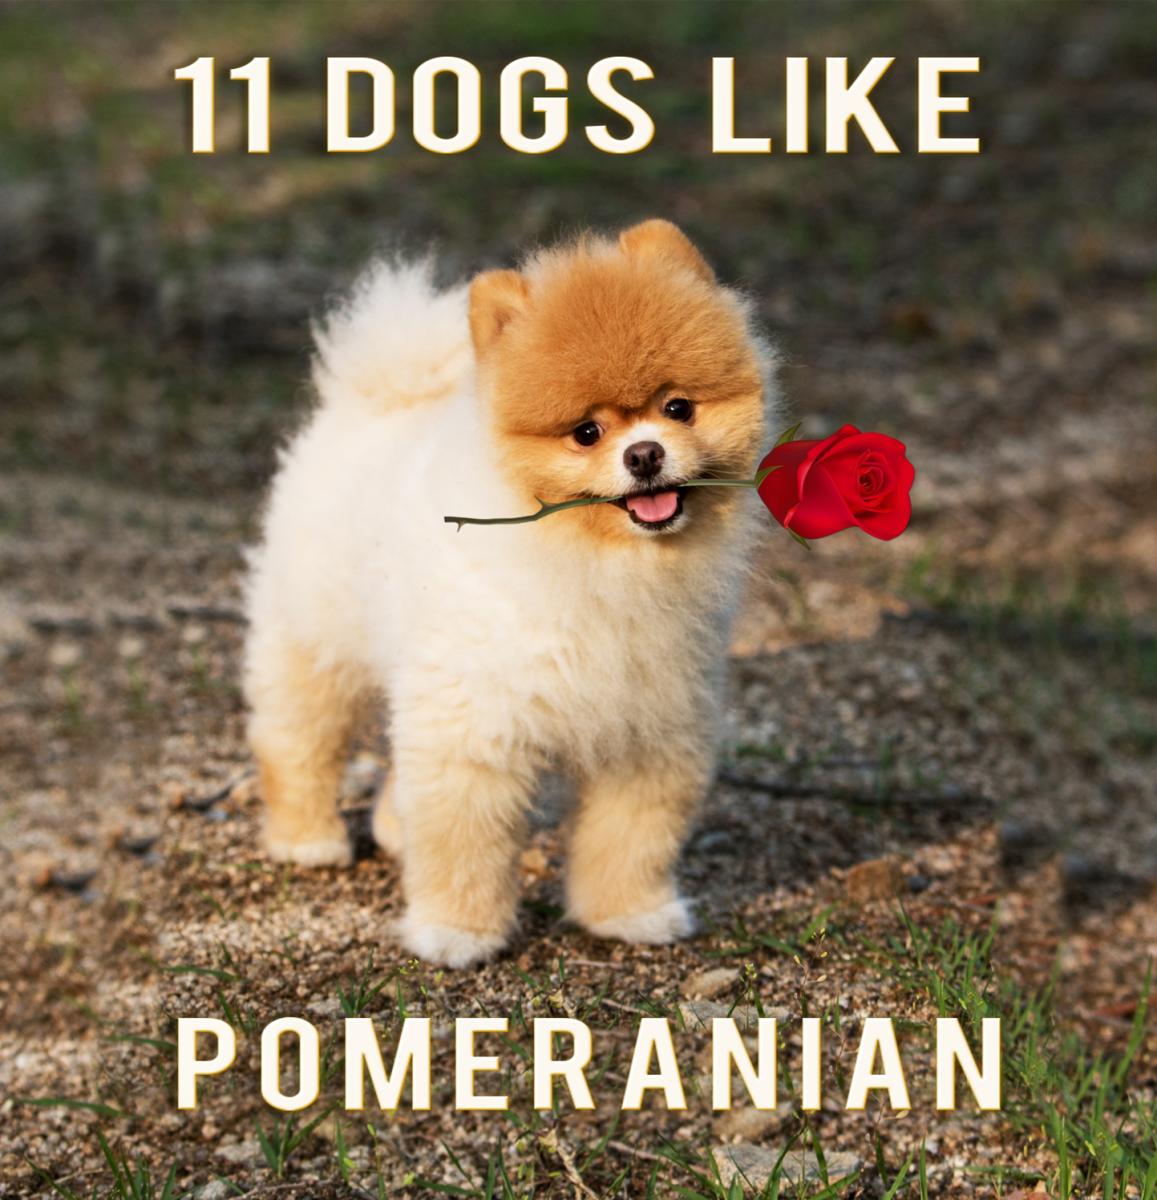 11 Dogs That Look Like Pomeranian